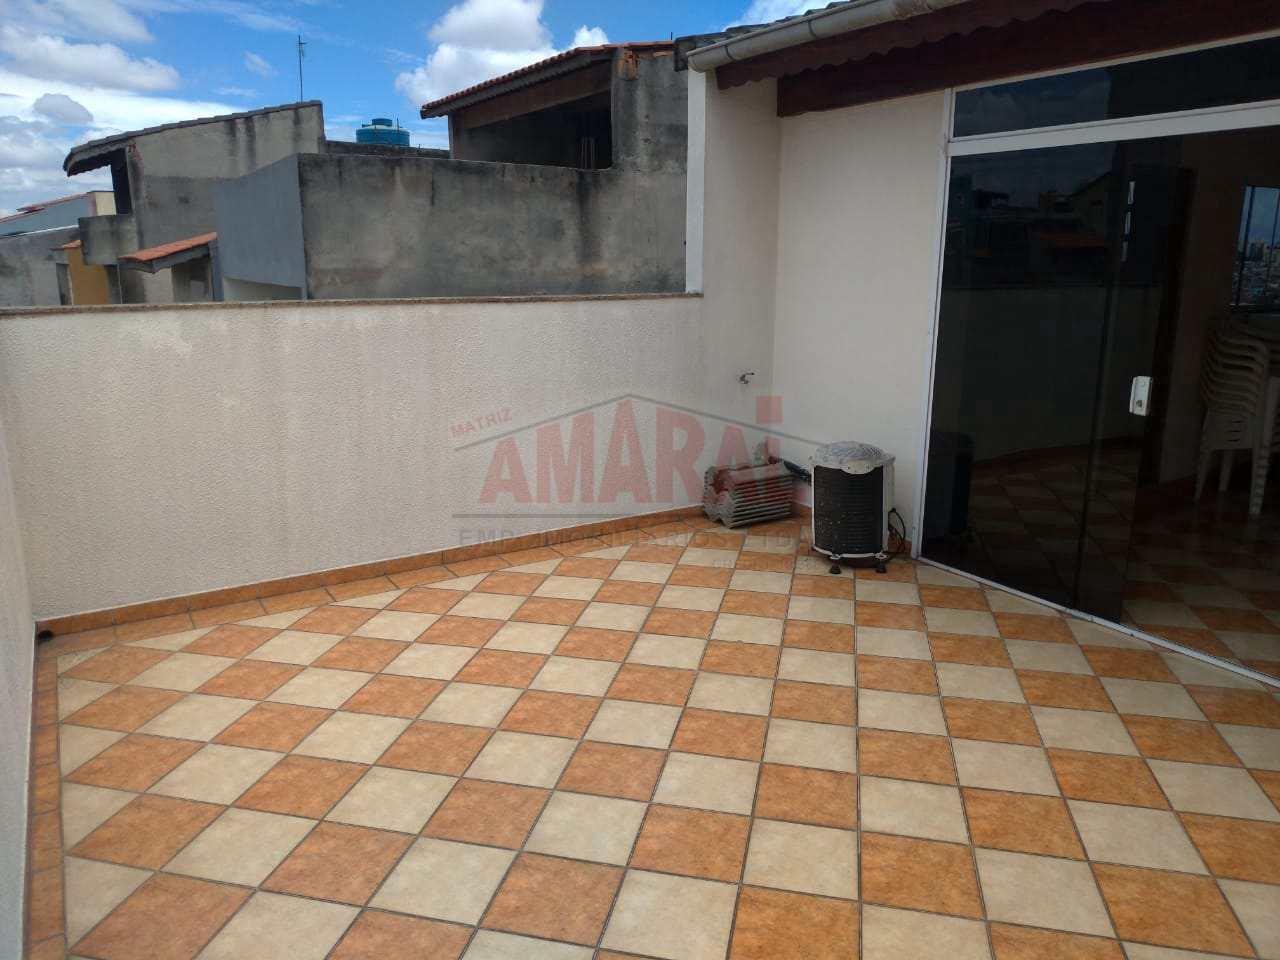 Sobrado com 3 dorms, Jardim Tietê, São Paulo - R$ 600 mil, Cod: 11312